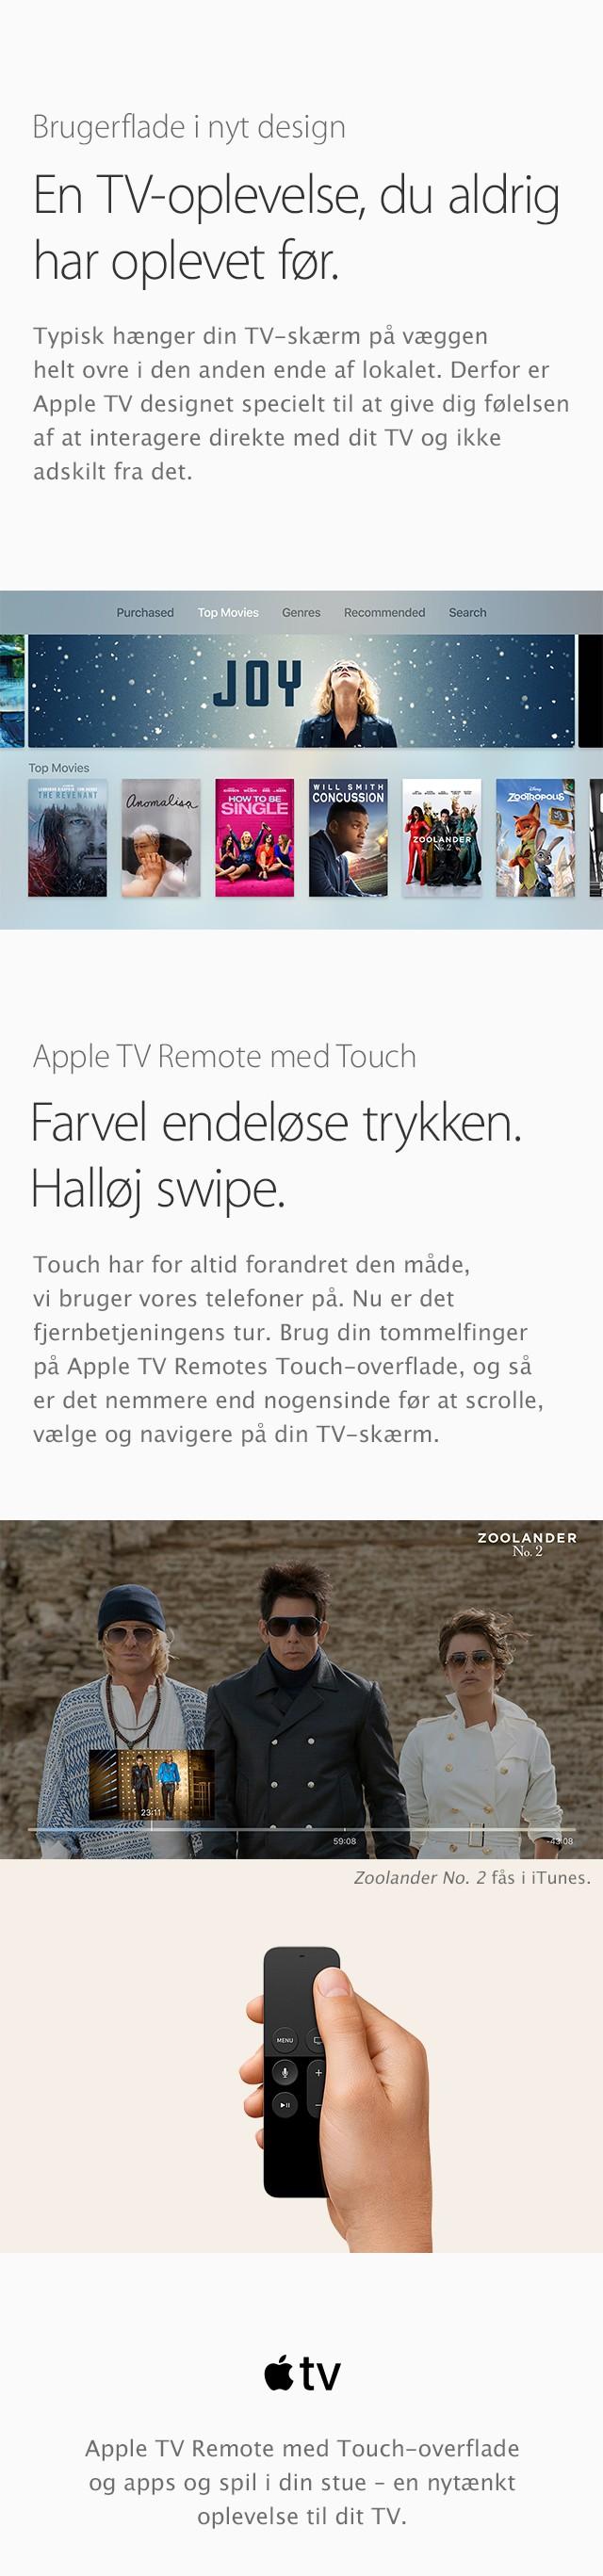 Få en TV oplevelse uden lige med Apple TV og Apple TV Remote